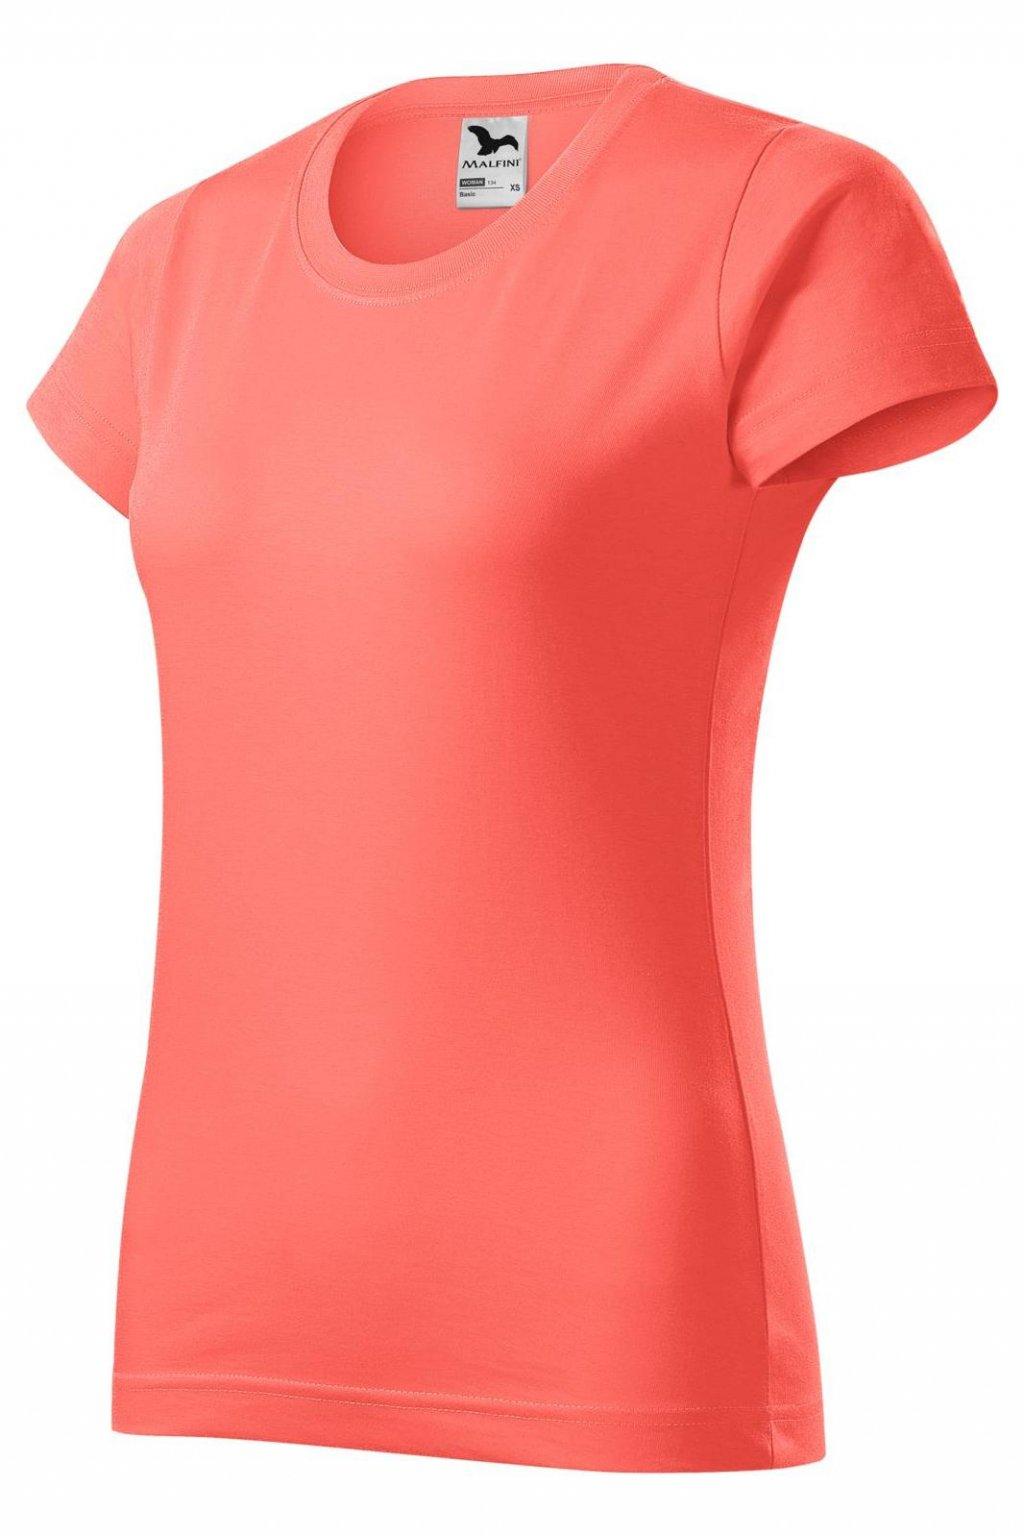 Dámské bavlněné tričko s krátkým rukávem MF 134/A1.